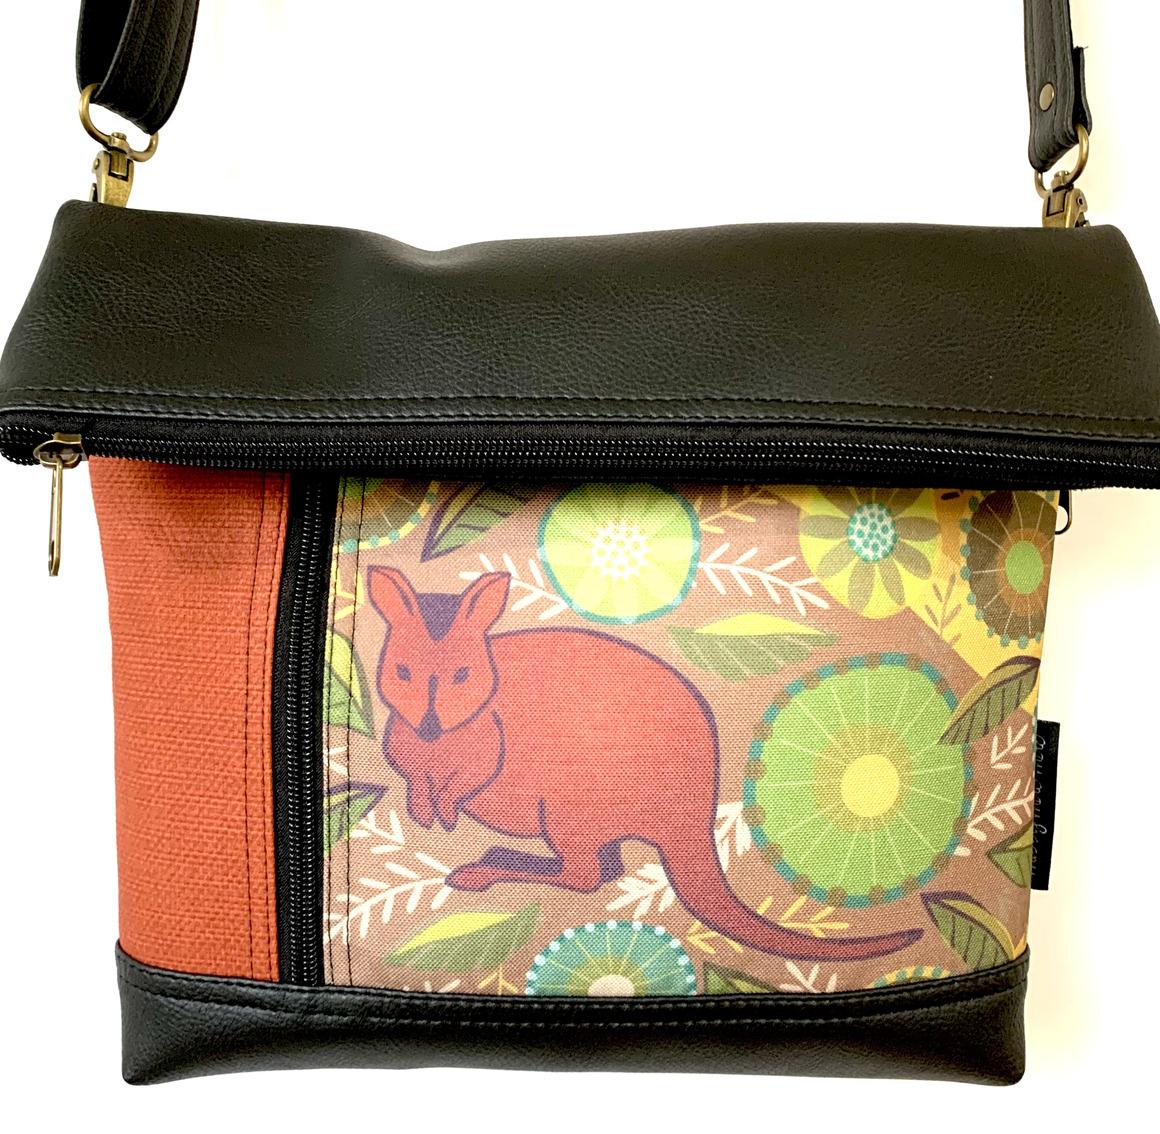 Inge Bag in Hopping Through the Bush | Trada Marketplace